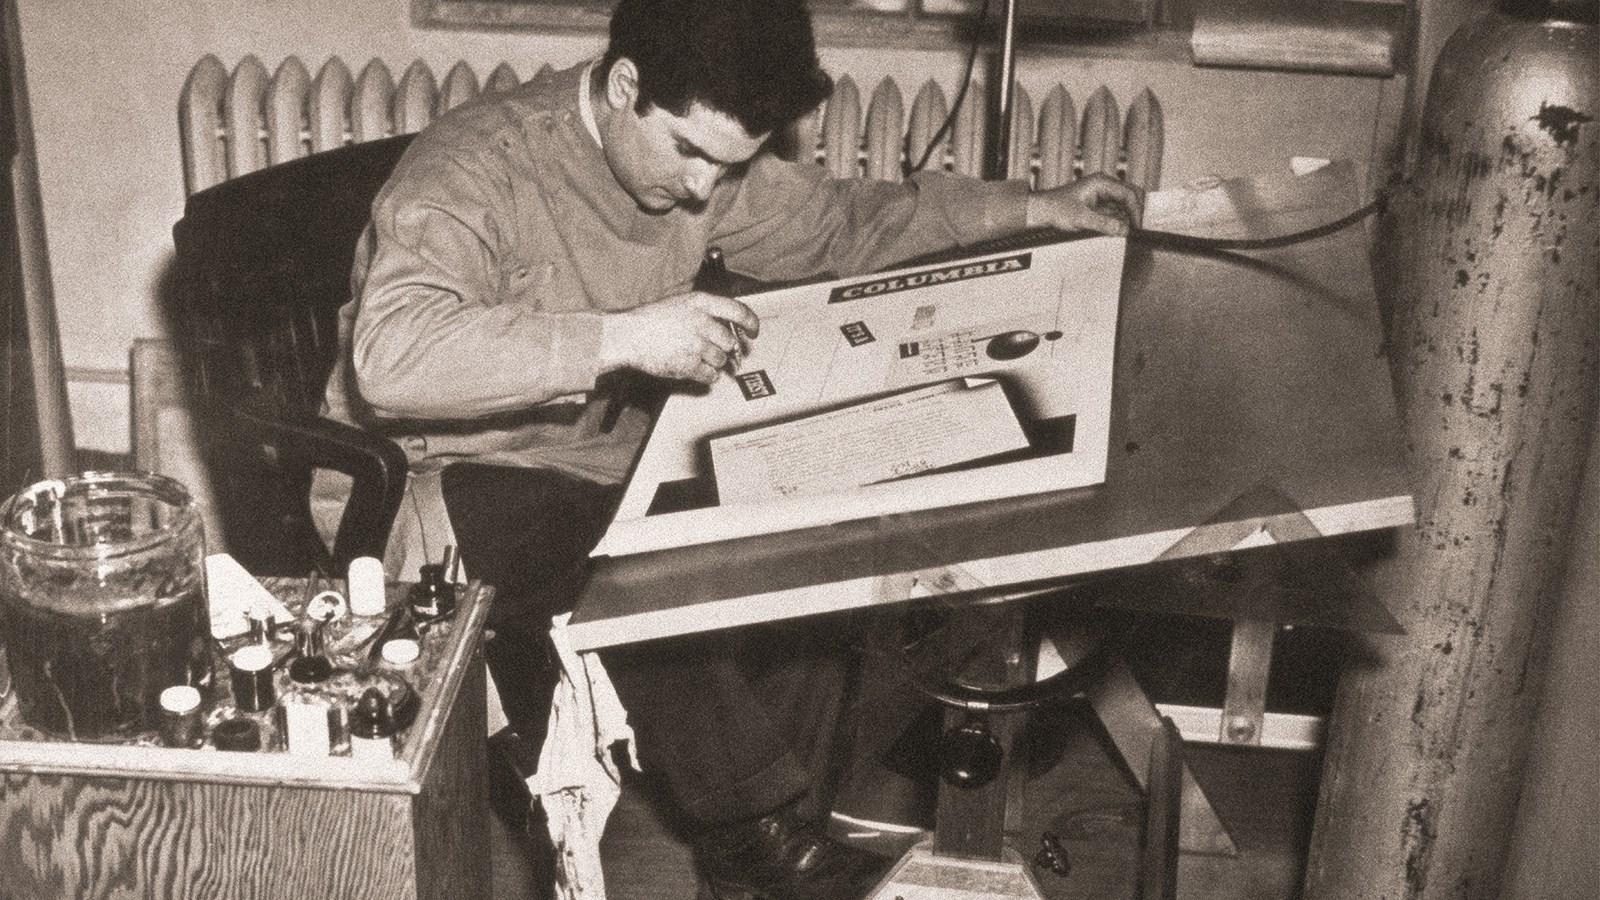 Steinweiss en plein travail chez Columbia Records, Bridgeport, Connecticut, 1939. On voit à droite les bonbonnes d'air comprimé alimentant l'aérographe. Un outil qu'utilisait beaucoup Steinweiss pour coloriser ses créations et qui a largement marqué l'esthétique de l'époque.